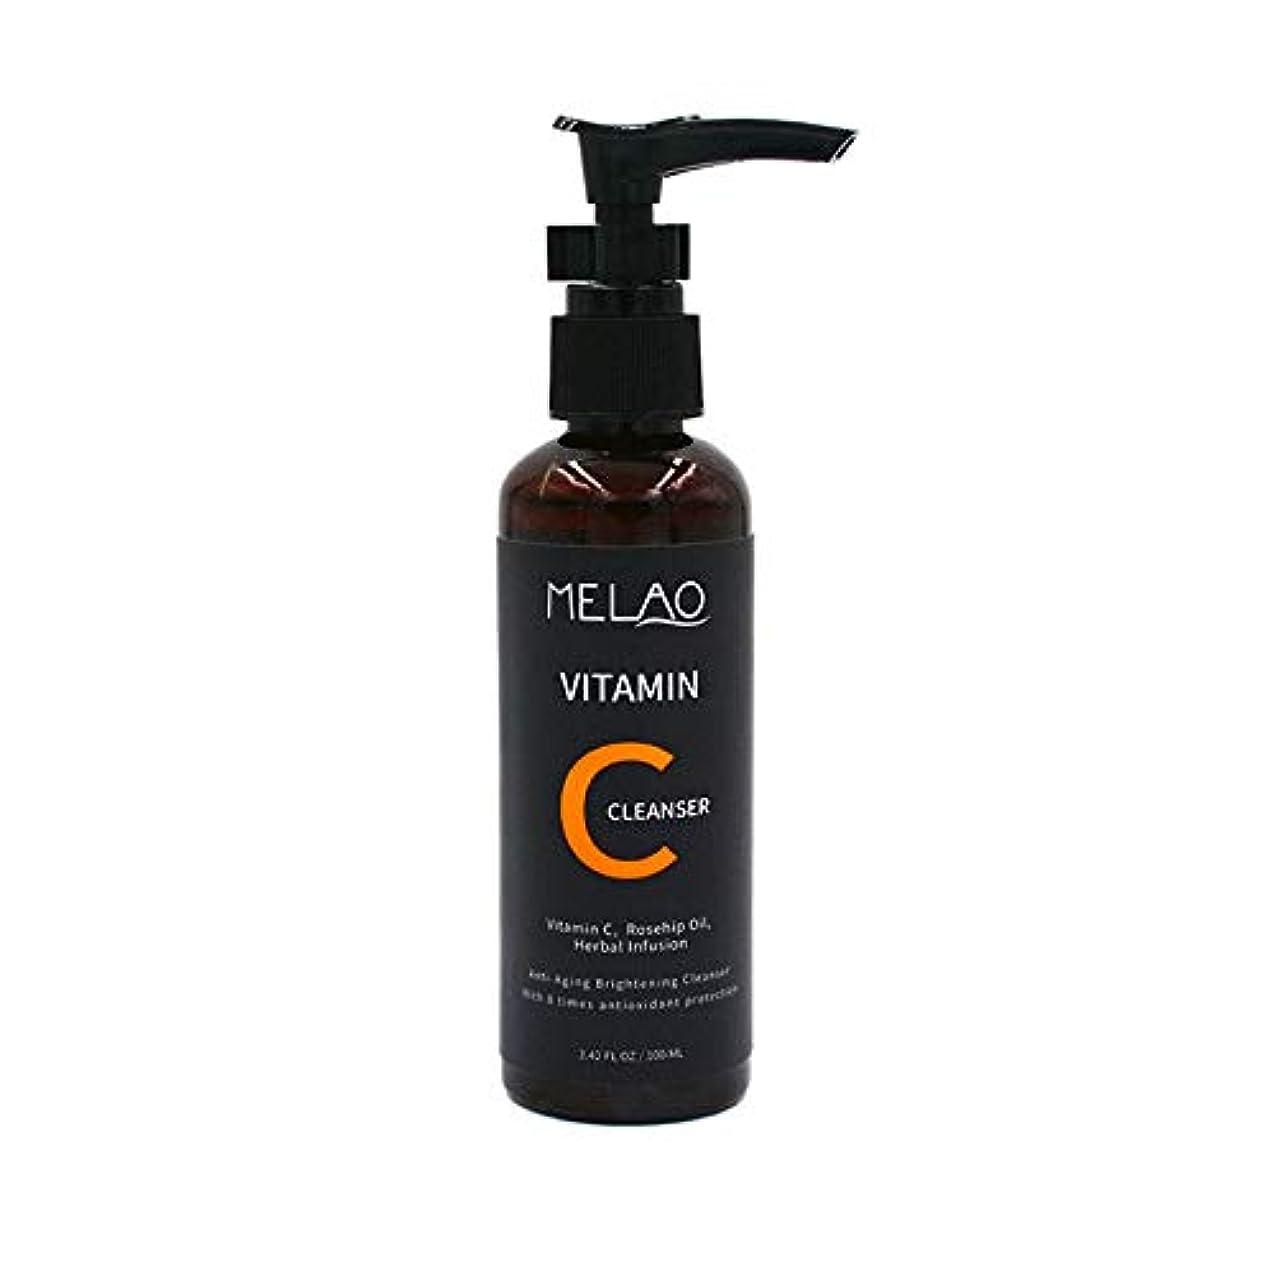 カウント最初は切断するAkane MELAO VC 顔洗い 深層 清潔 押す 保湿 浄化 角質除去 クレンジング 綺麗に オイルコントロール 使いやすい 洗顔料 アロエクリーム 100ml MC180202